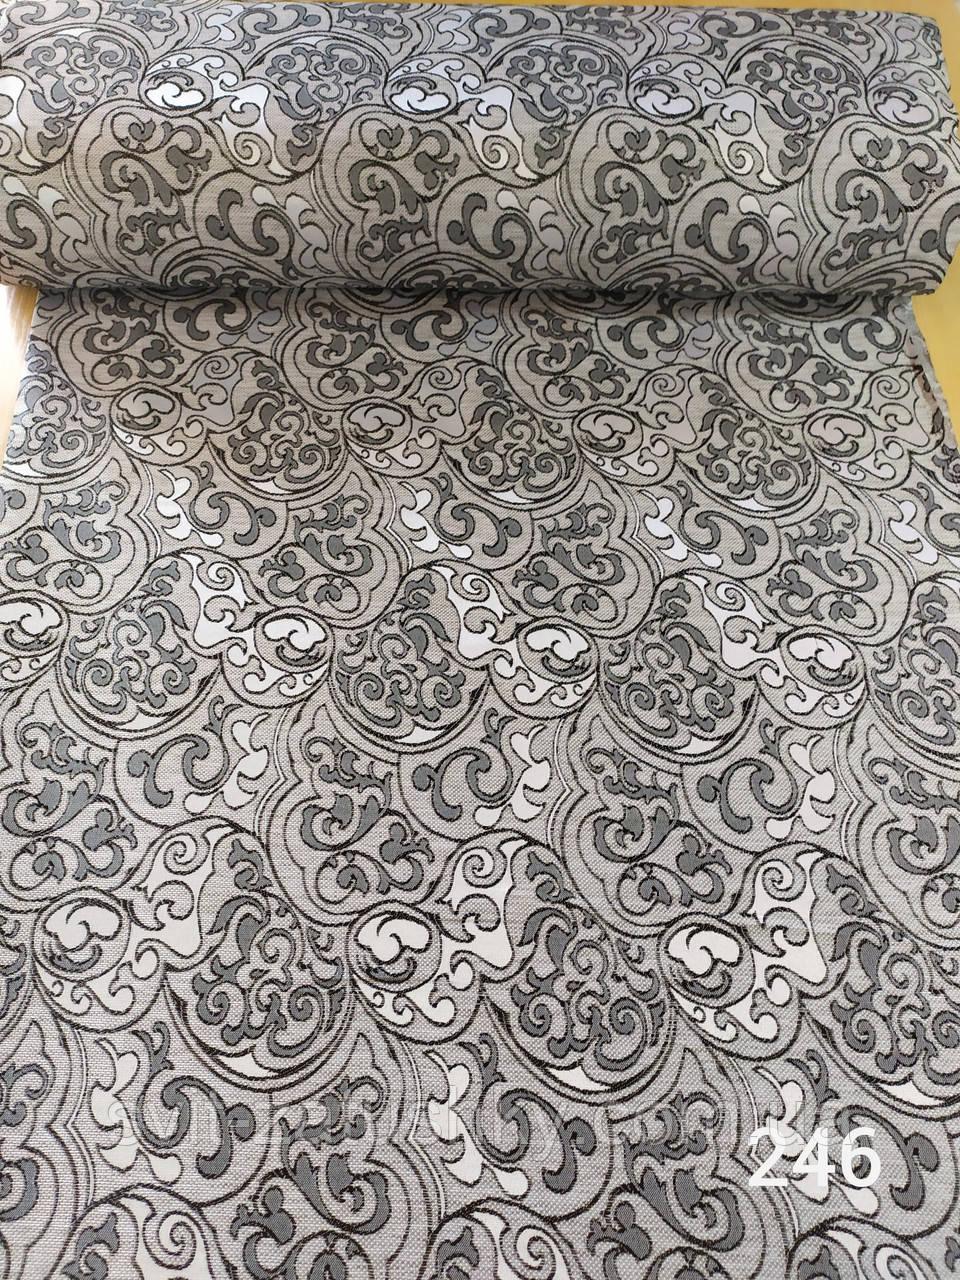 Портьєрна тканина сіра з блиском шириною 1.50 м /Портьерная ткань серая с блеском шириной 1.50 м.